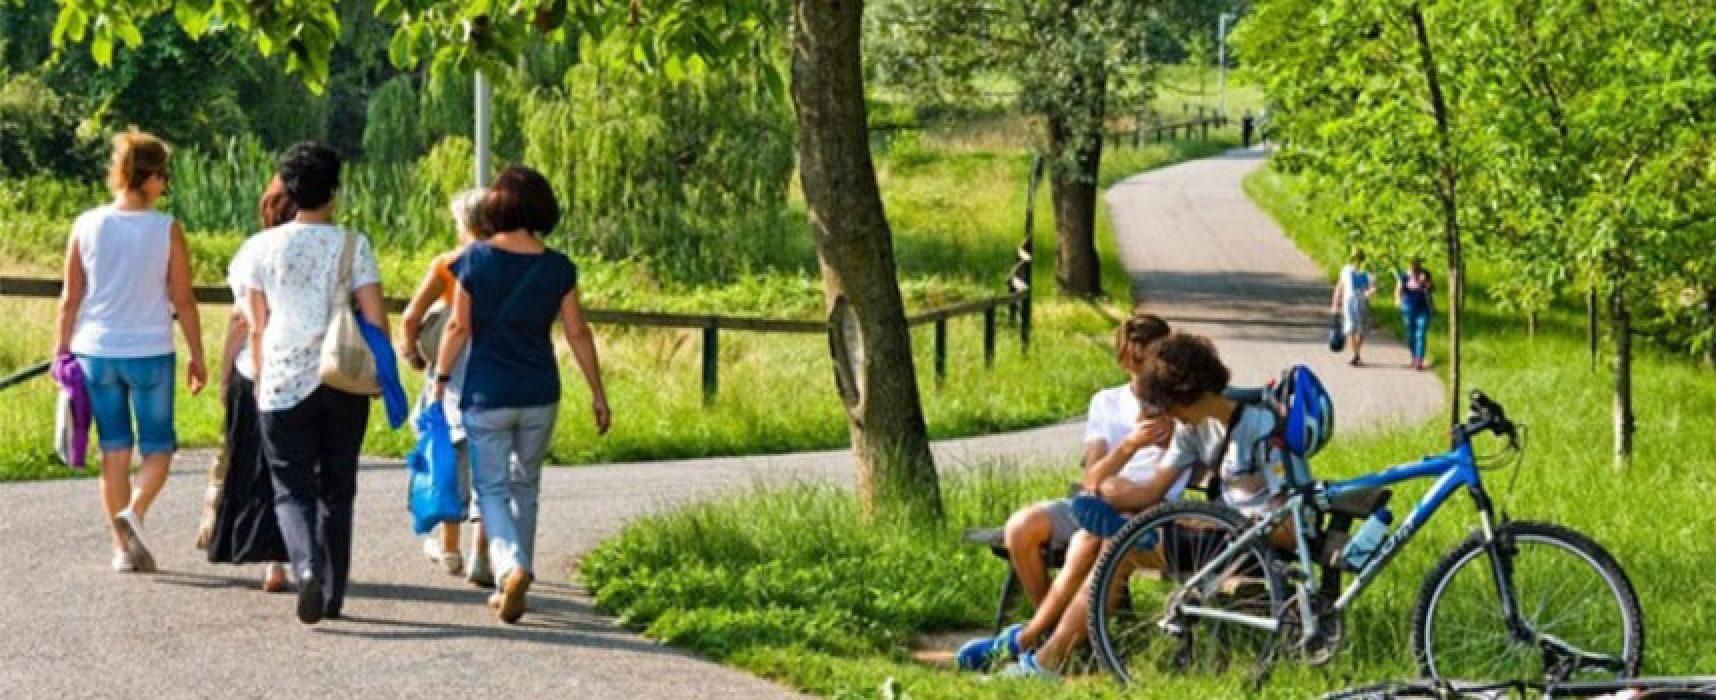 Bisceglie Illuminata promuove passeggiata assieme a ragazzi con disabilità